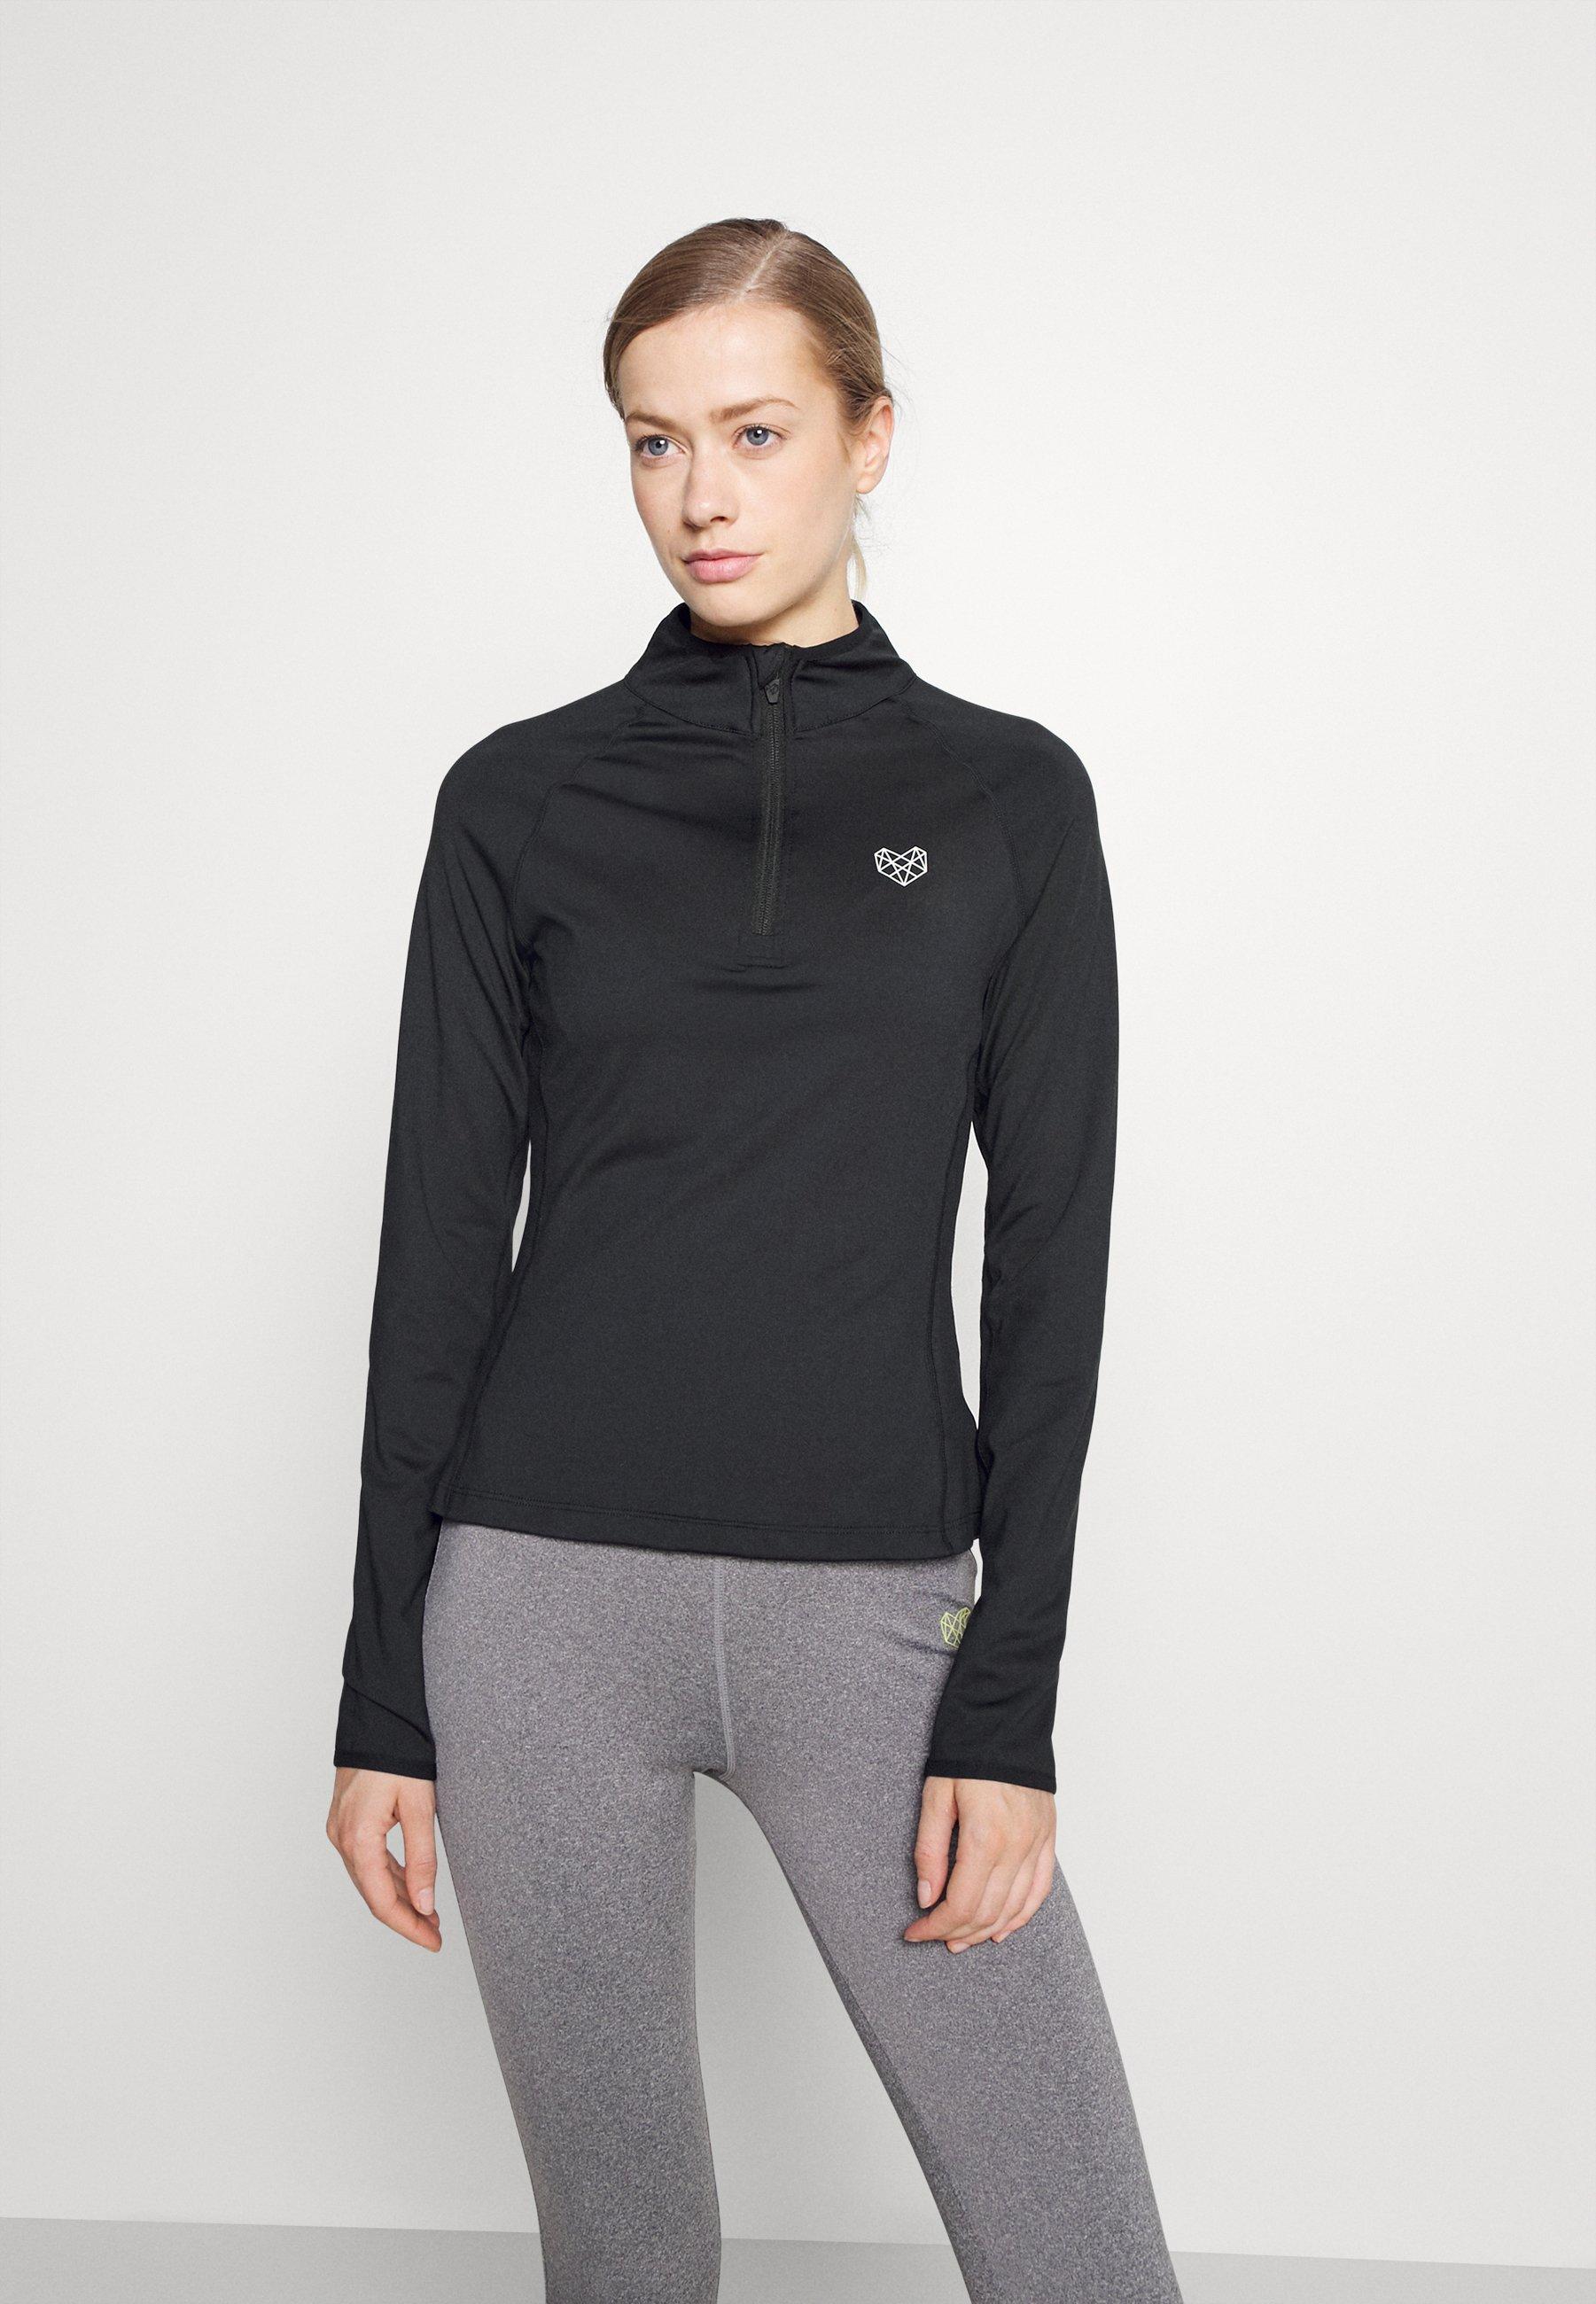 Women VISTA FITNESS - Long sleeved top